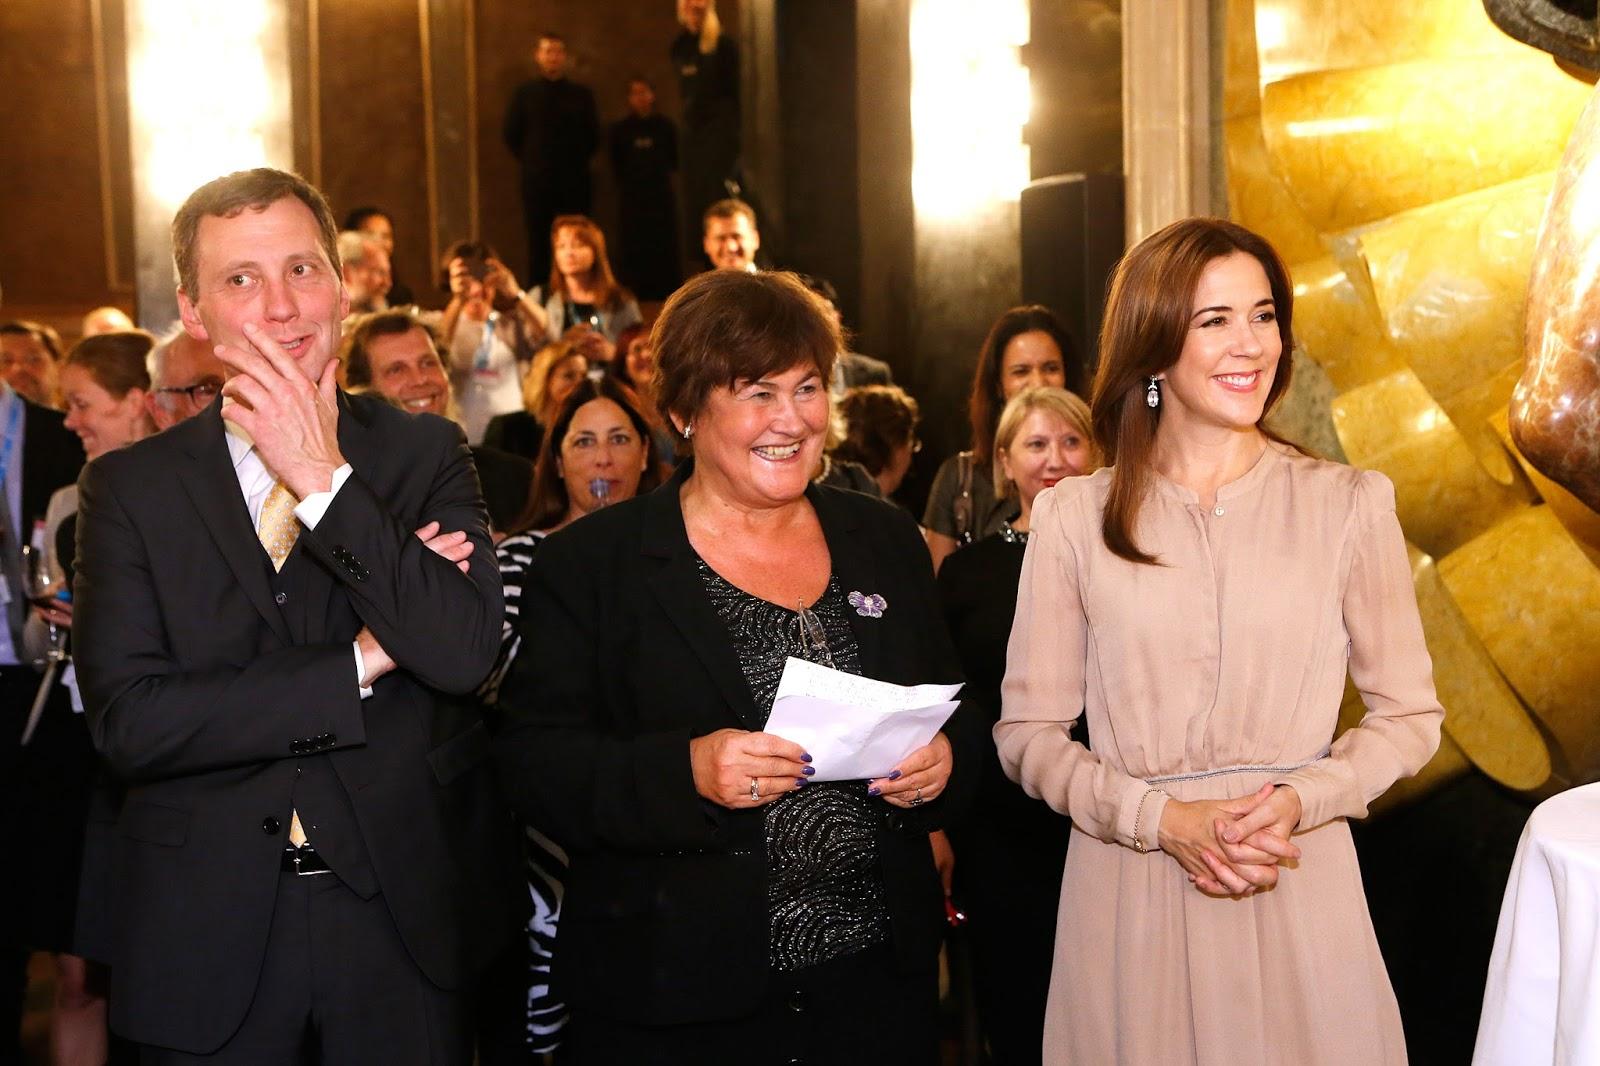 Le soir même la princesse héritiere assistait à une réception en marge de cette réunion en compagnie notamment du ministre danois de la santé, de la première